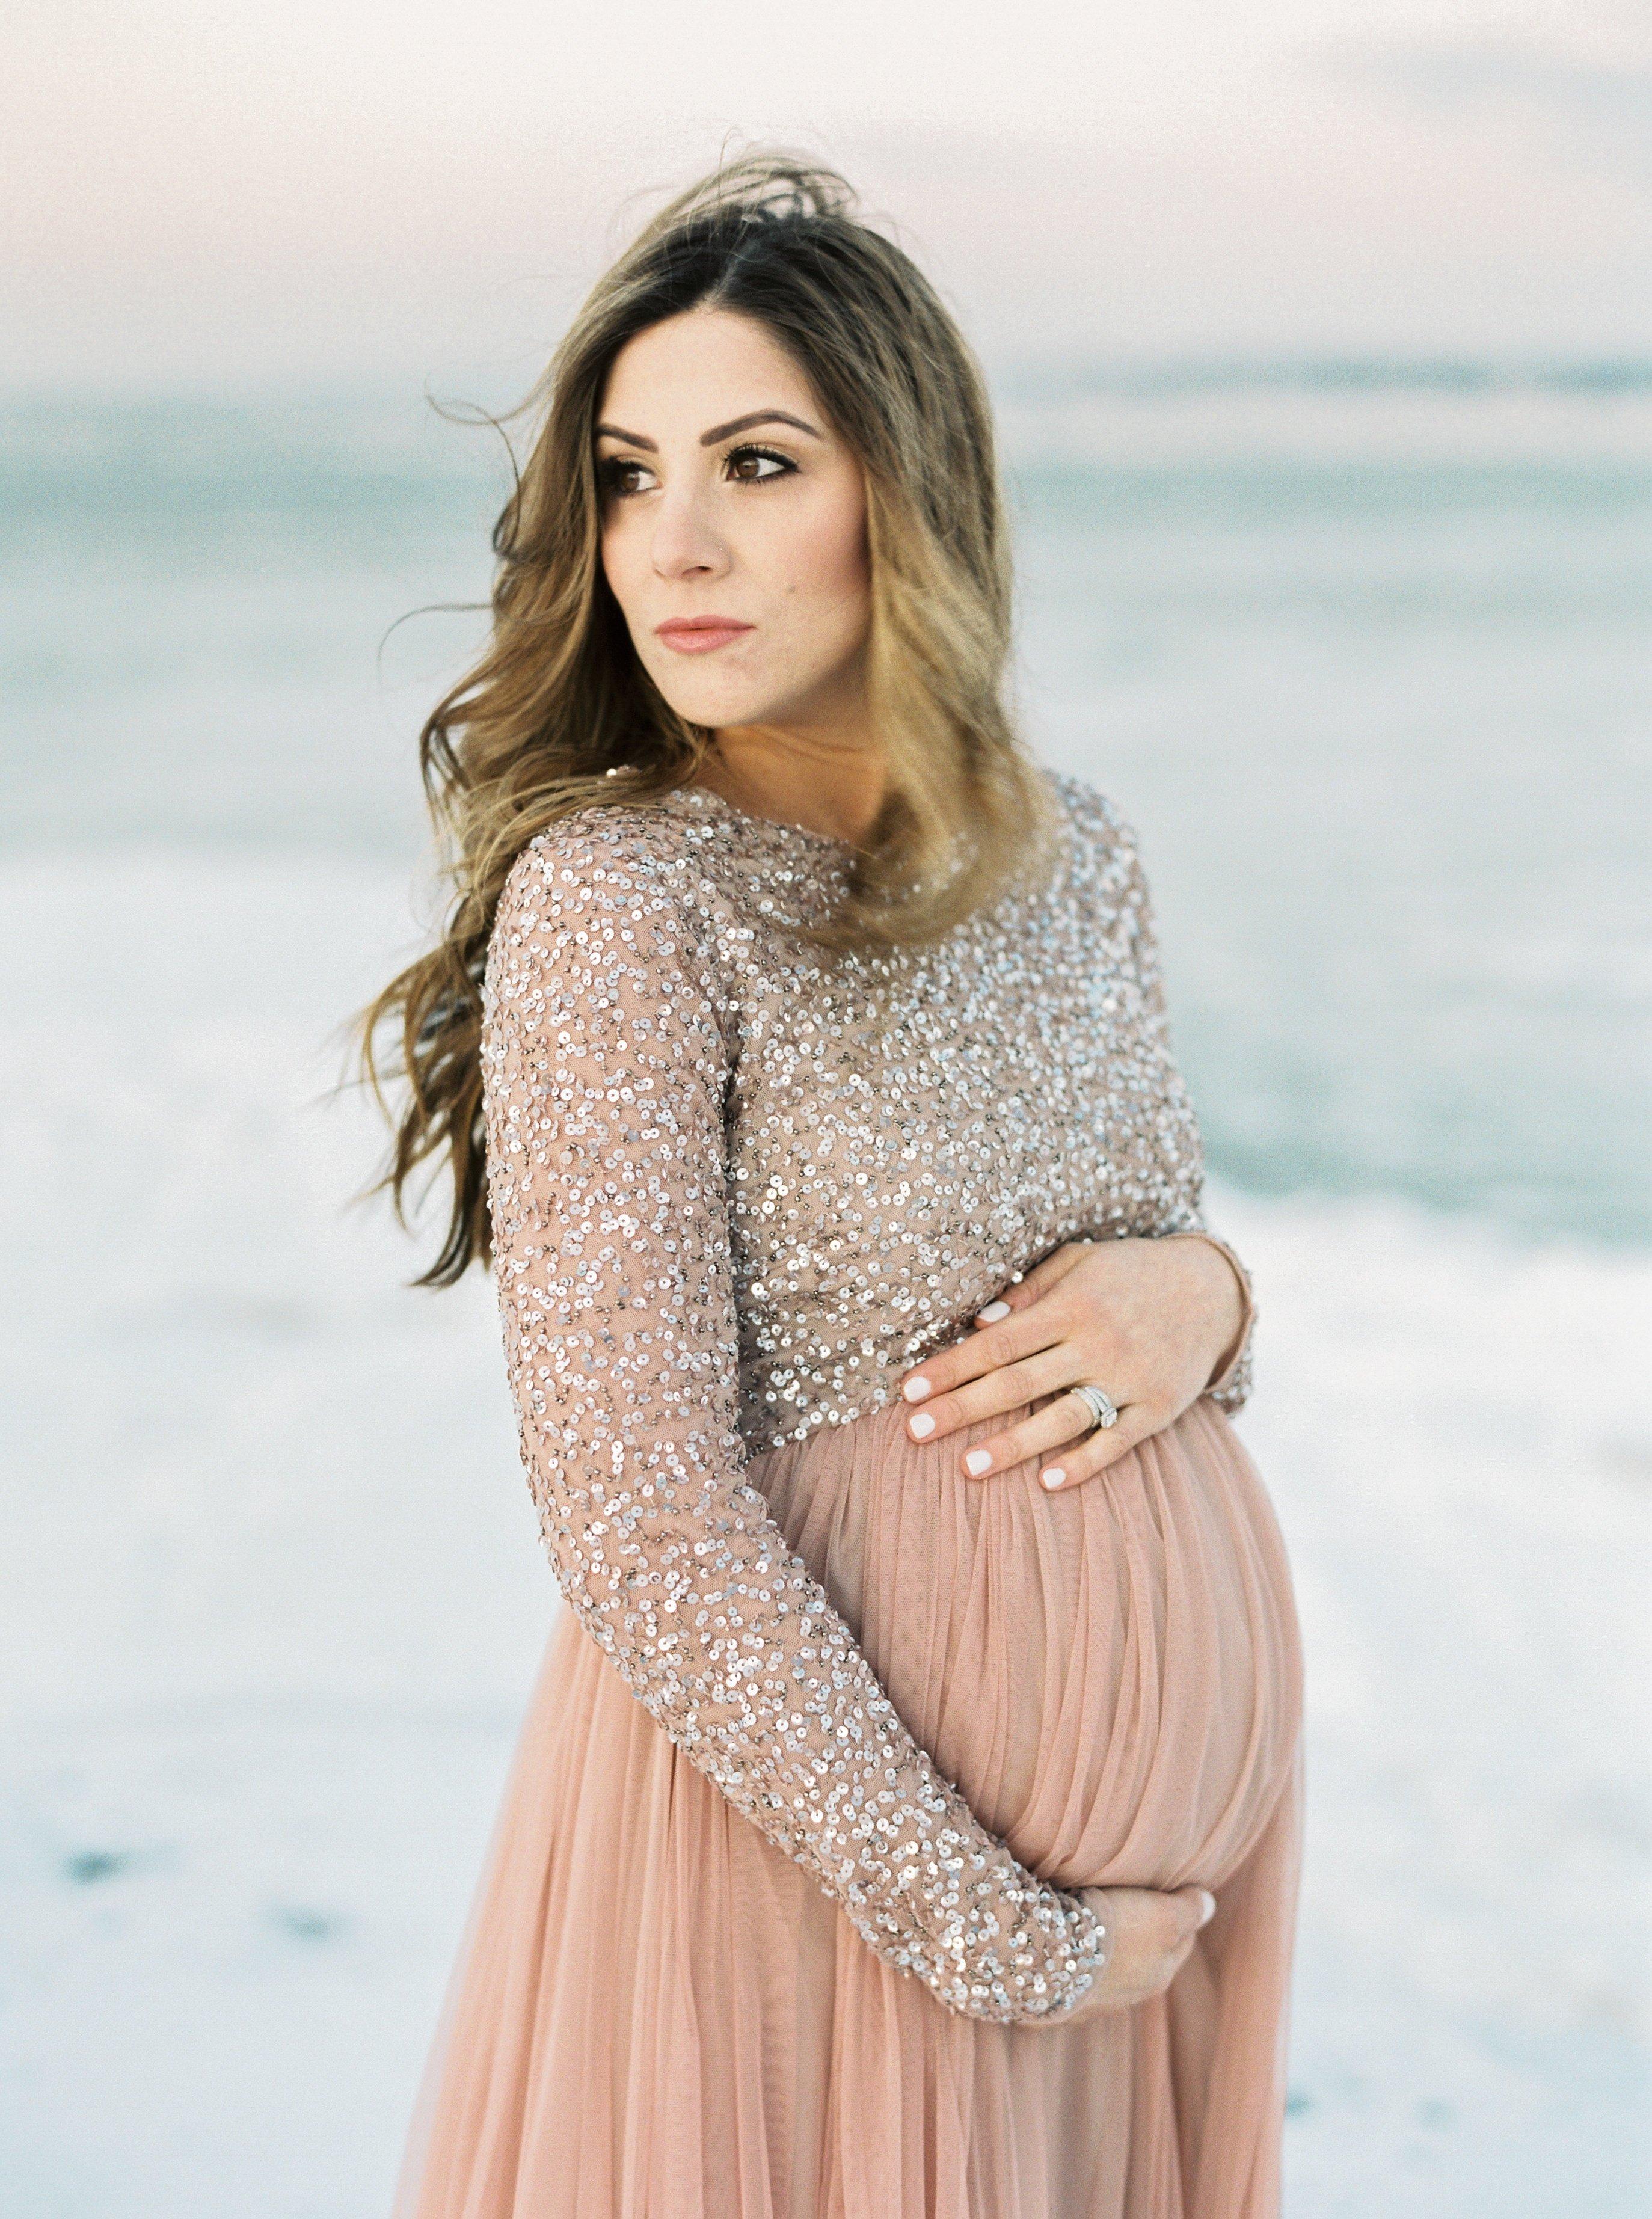 mejor precio para Excelente calidad diseño encantador Vestidos de baby shower para celebrar la llegada de tu bebé